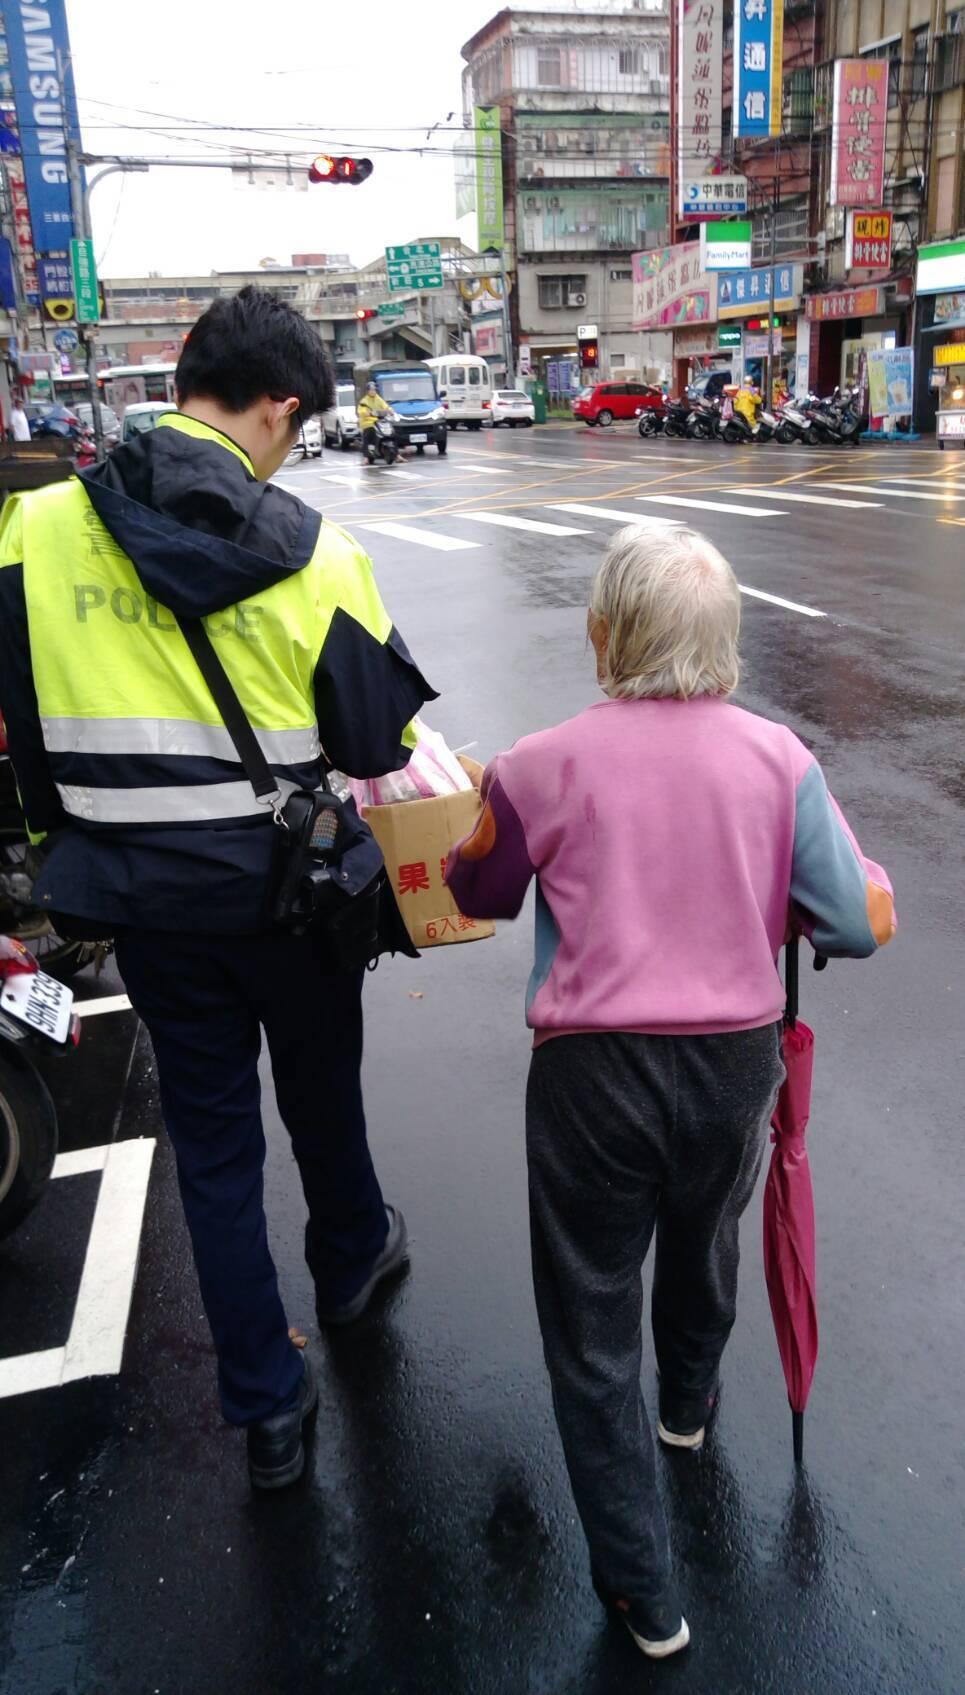 員警巡邏竟見一名87歲老婦人,拖著資源回收,以雨傘當拐杖撐住骨質疏鬆的年邁身體,...